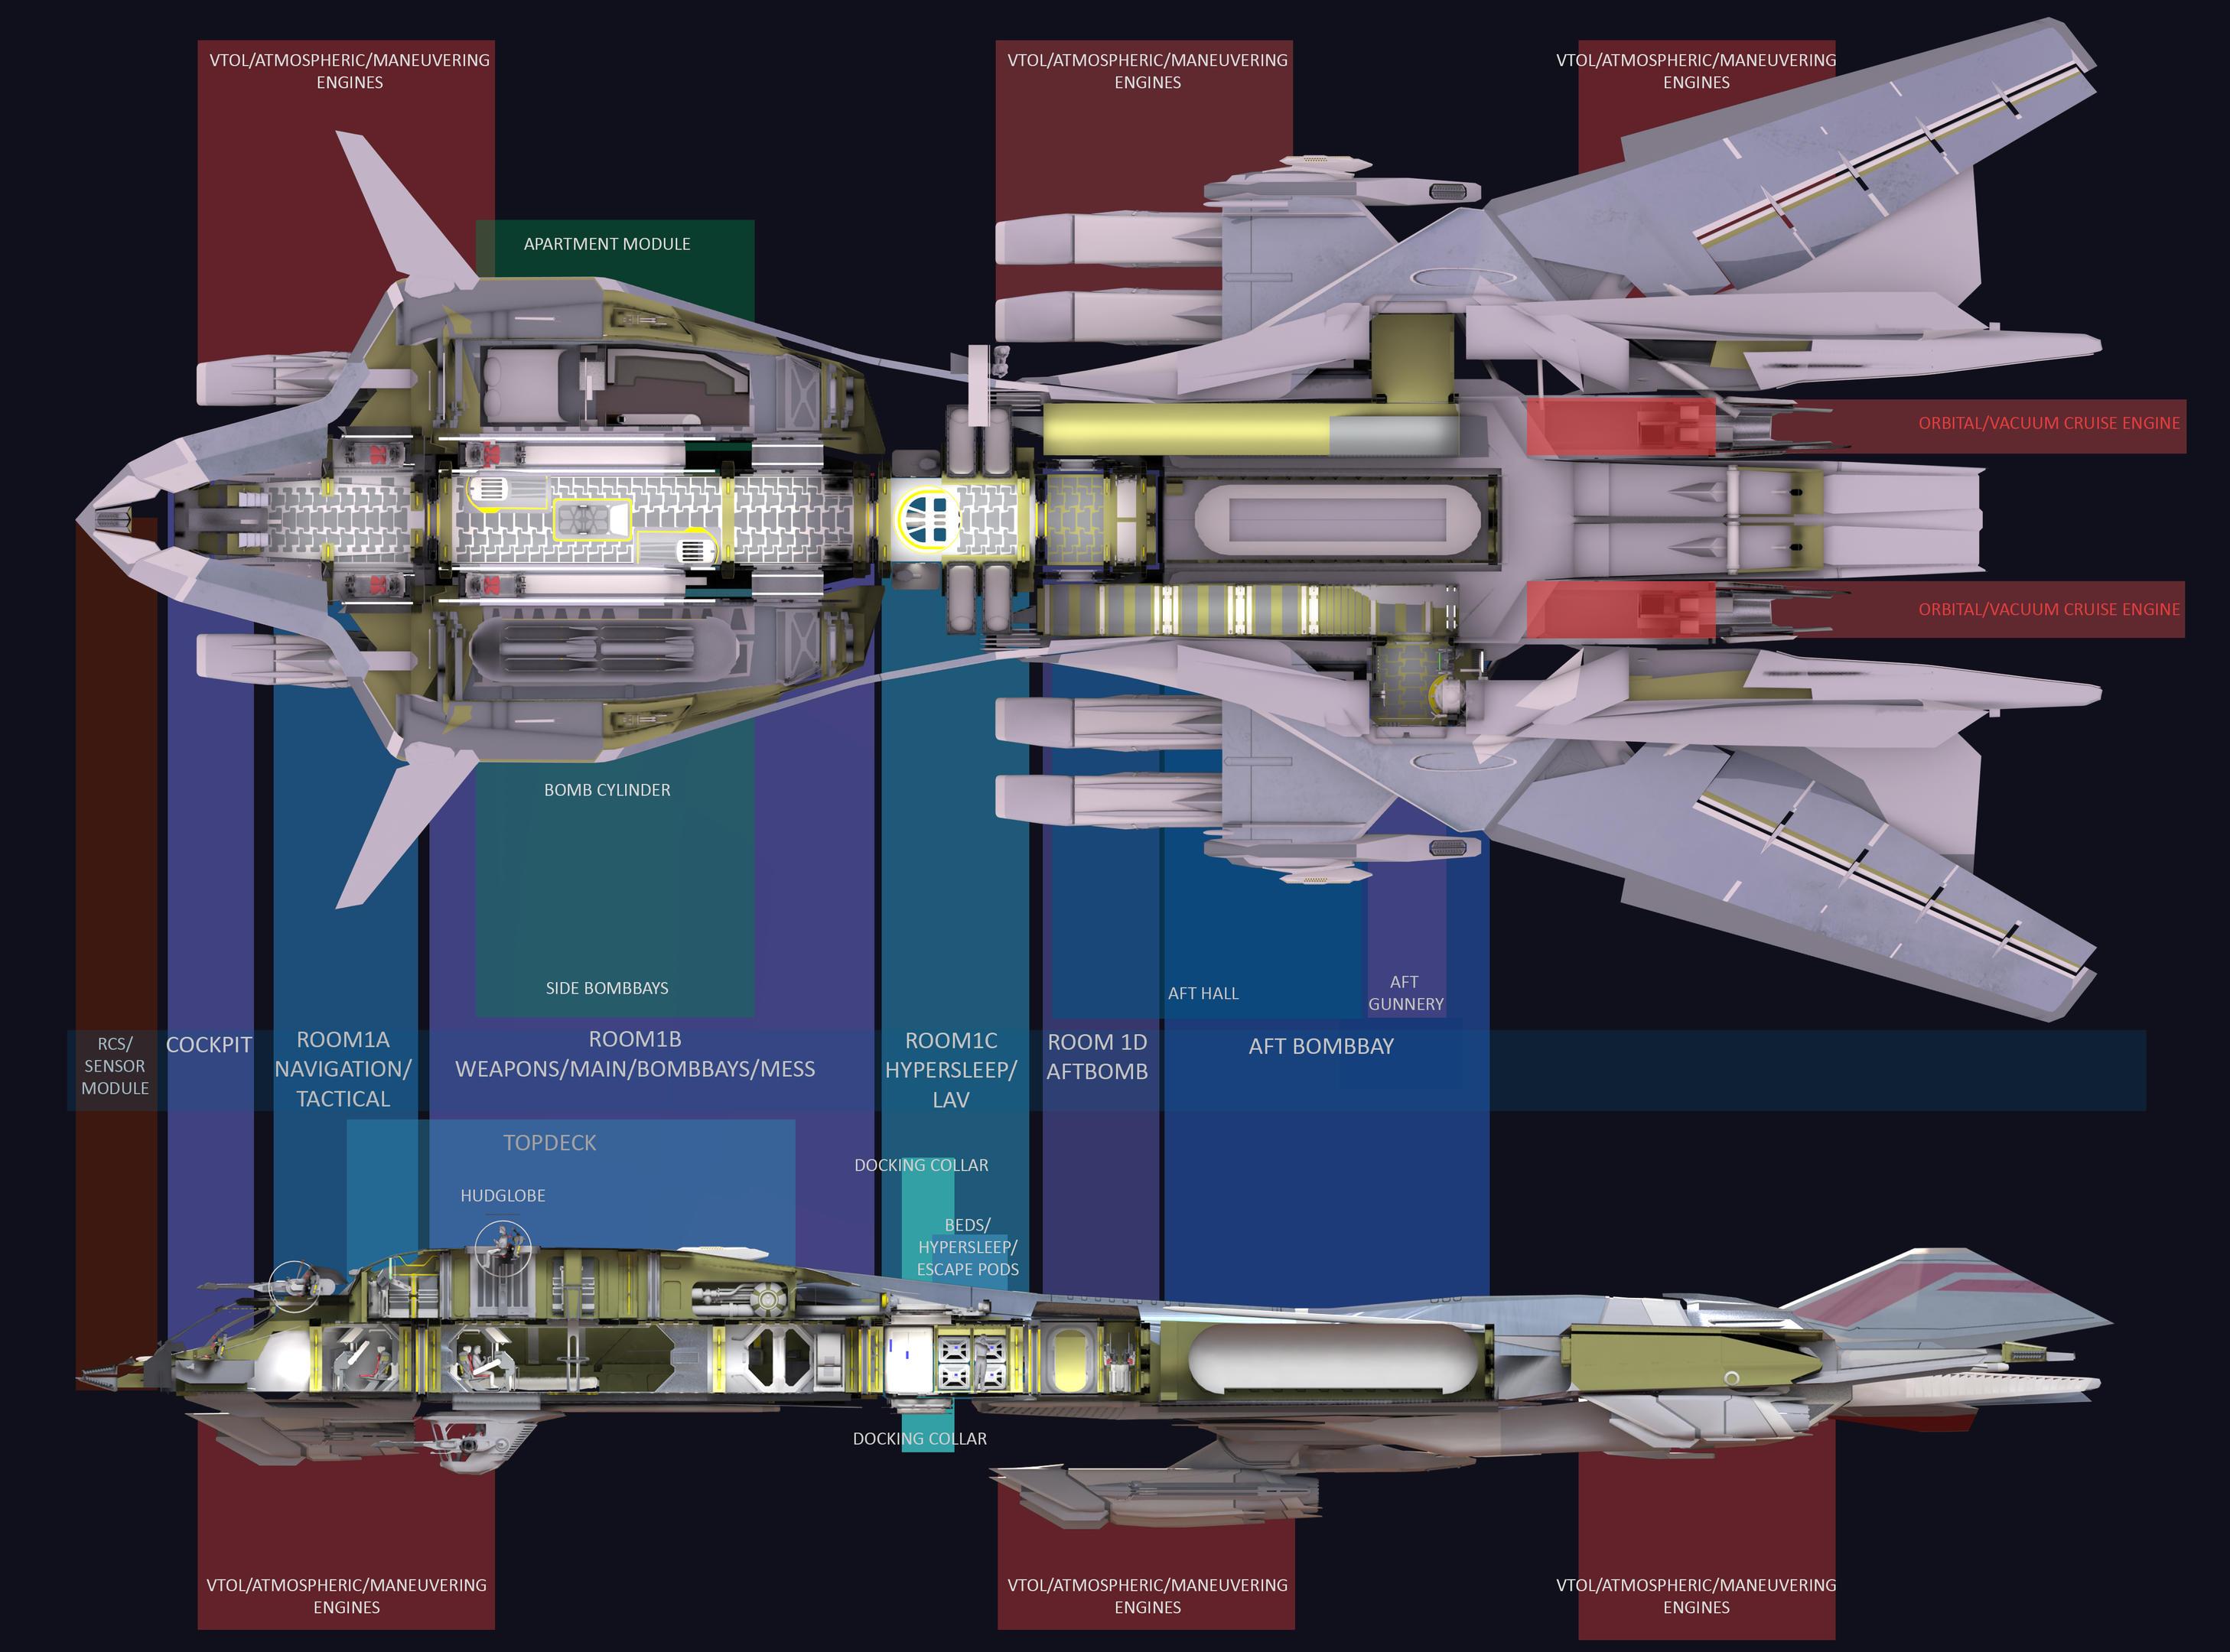 Przekrój statku: Retaliator Base